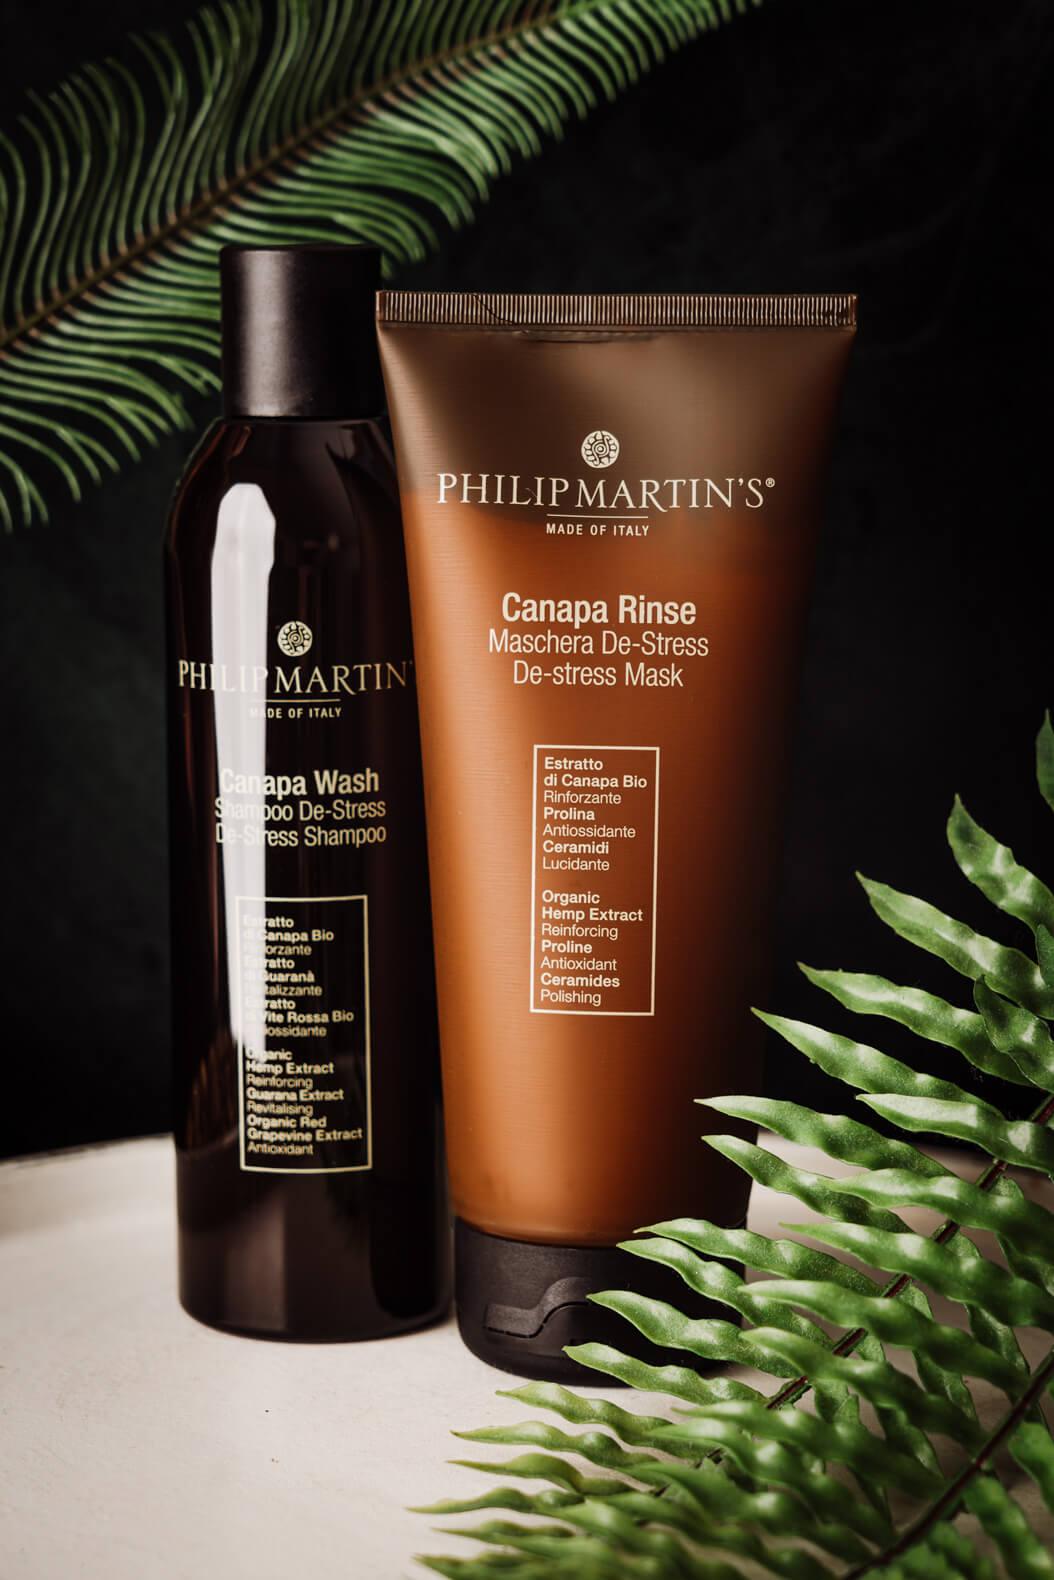 Philip Martin's Canapa Rinse |Konzept